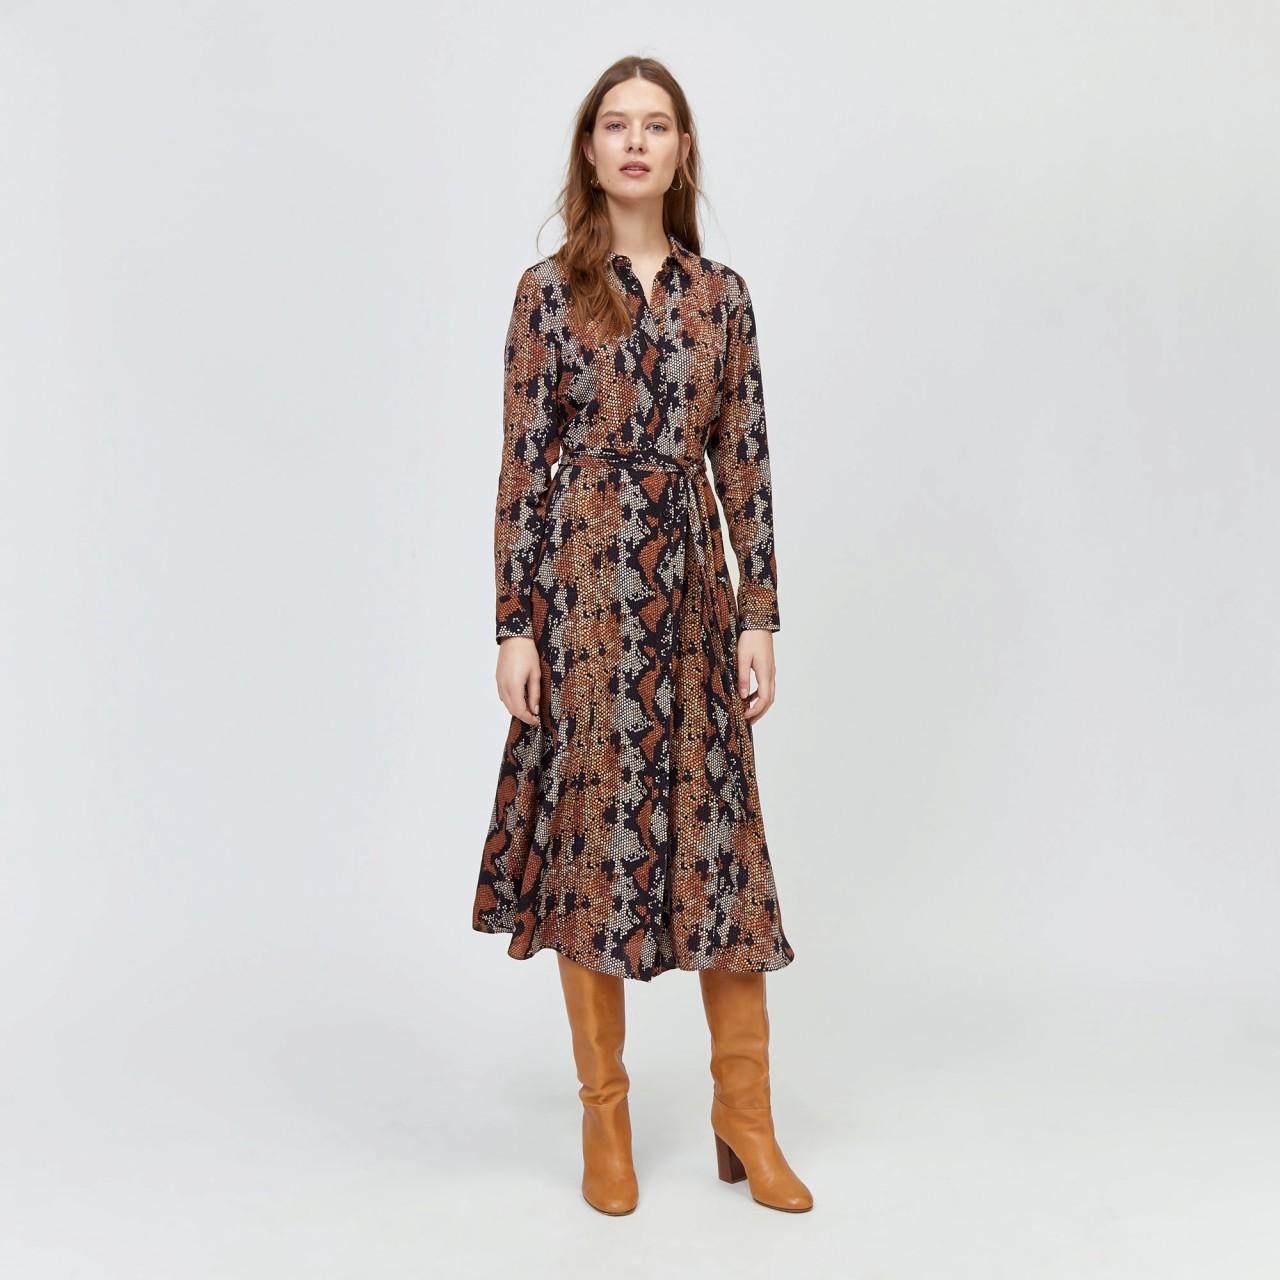 Девушка в платье-рубашке и сапогах